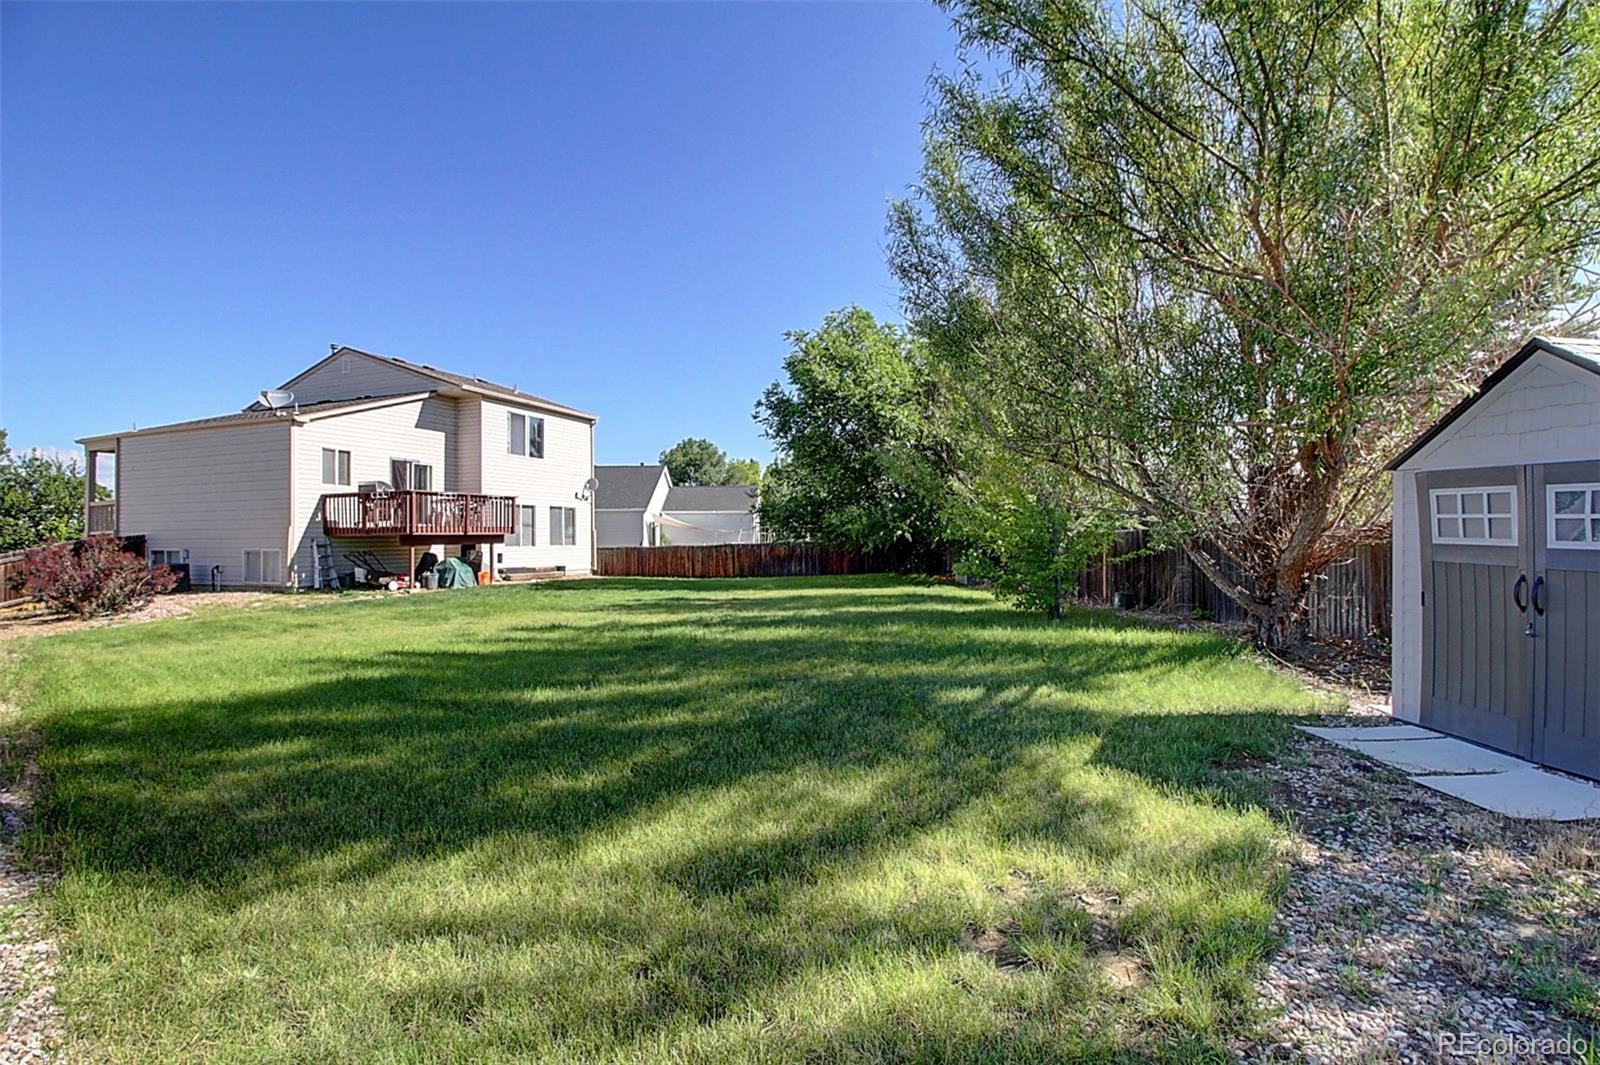 MLS# 8403615 - 31 - 3505 Larkspur Drive, Longmont, CO 80503